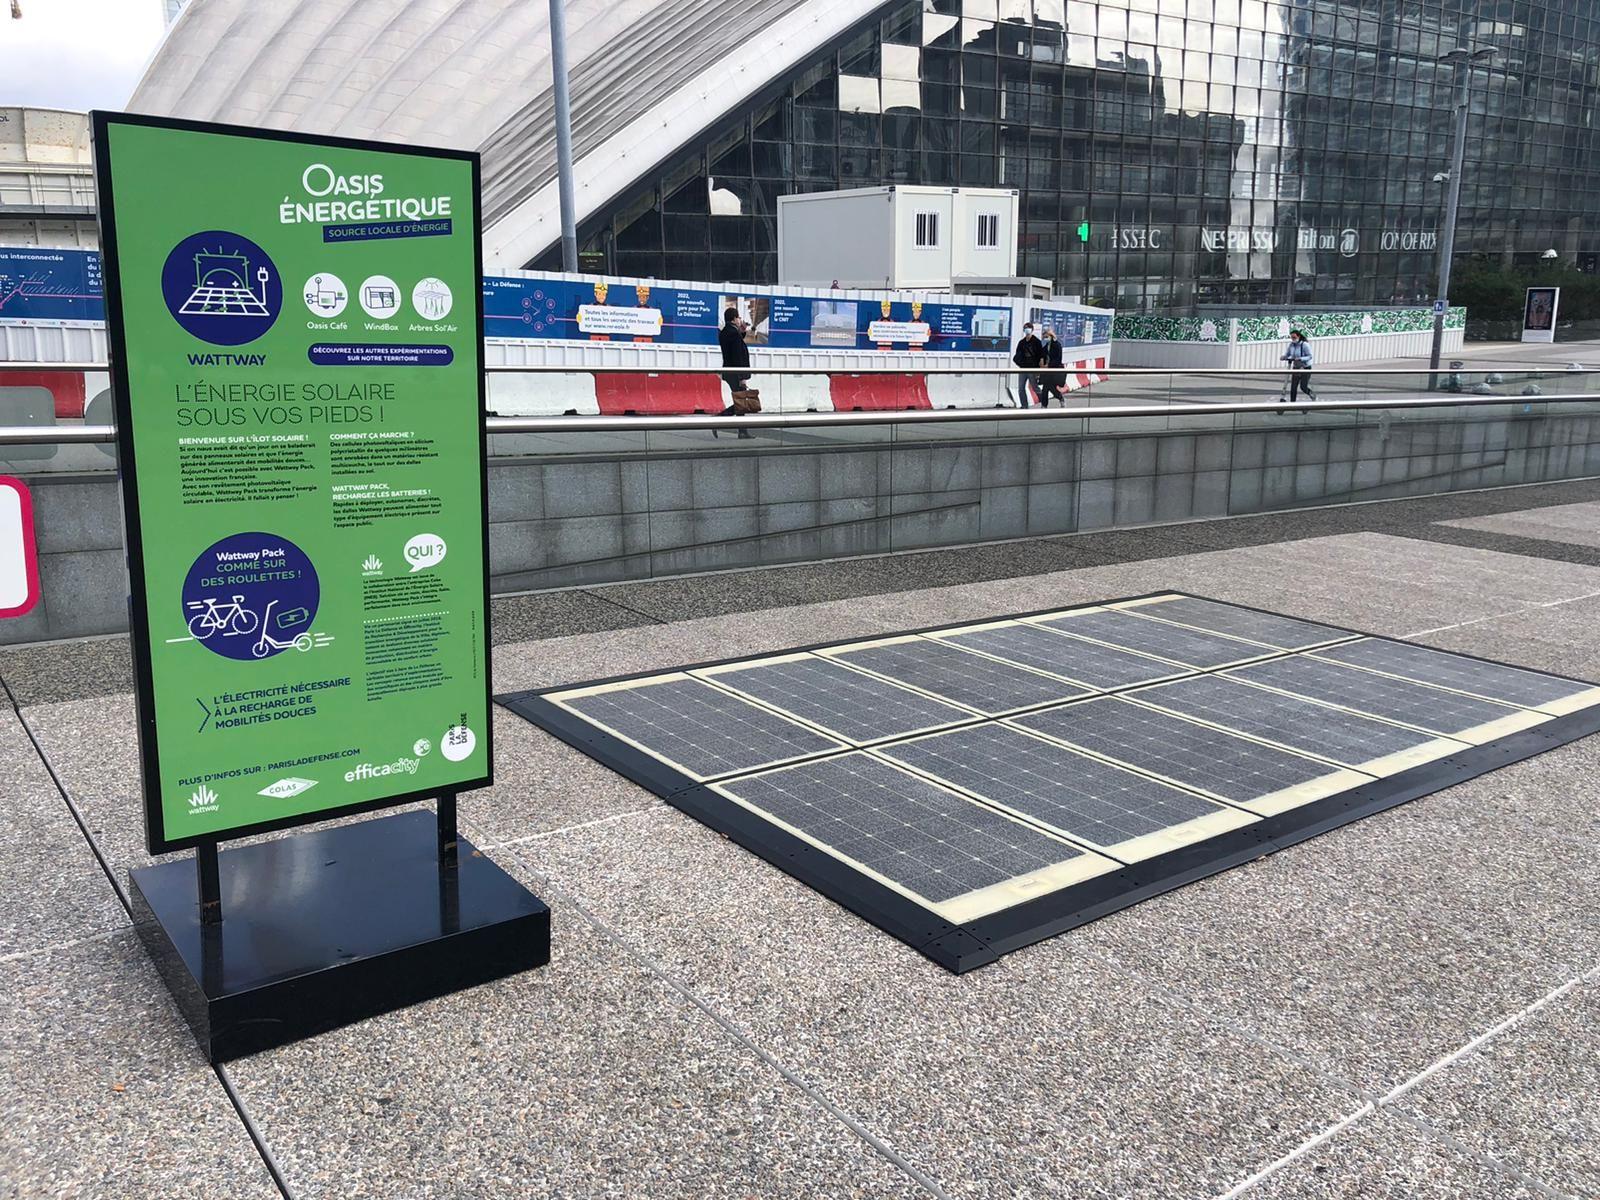 Oasis énergétiques Paris La Défense - Le Wattway Pack